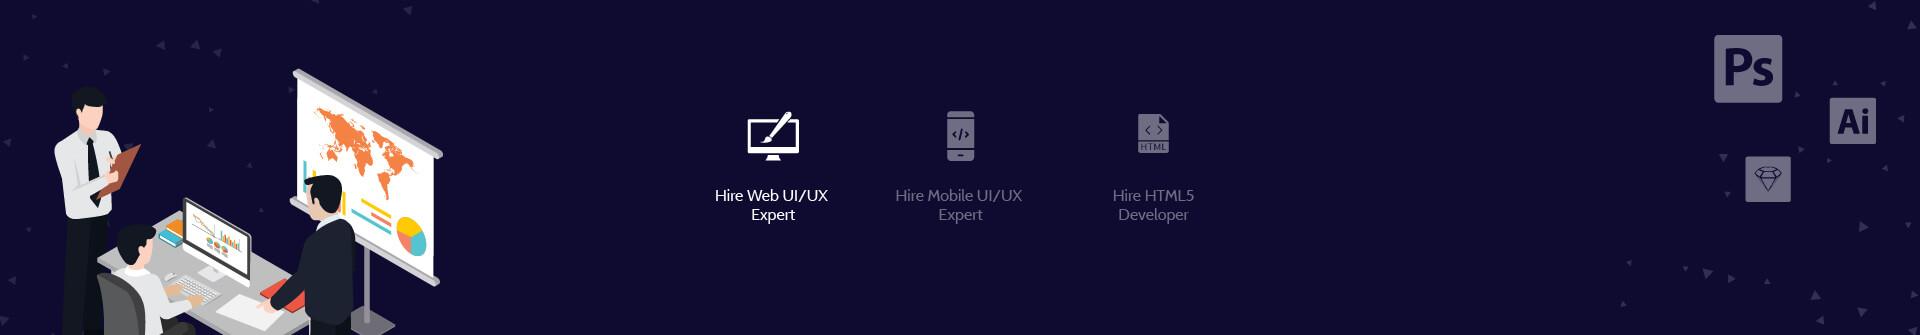 Hire Web UI UX Expert